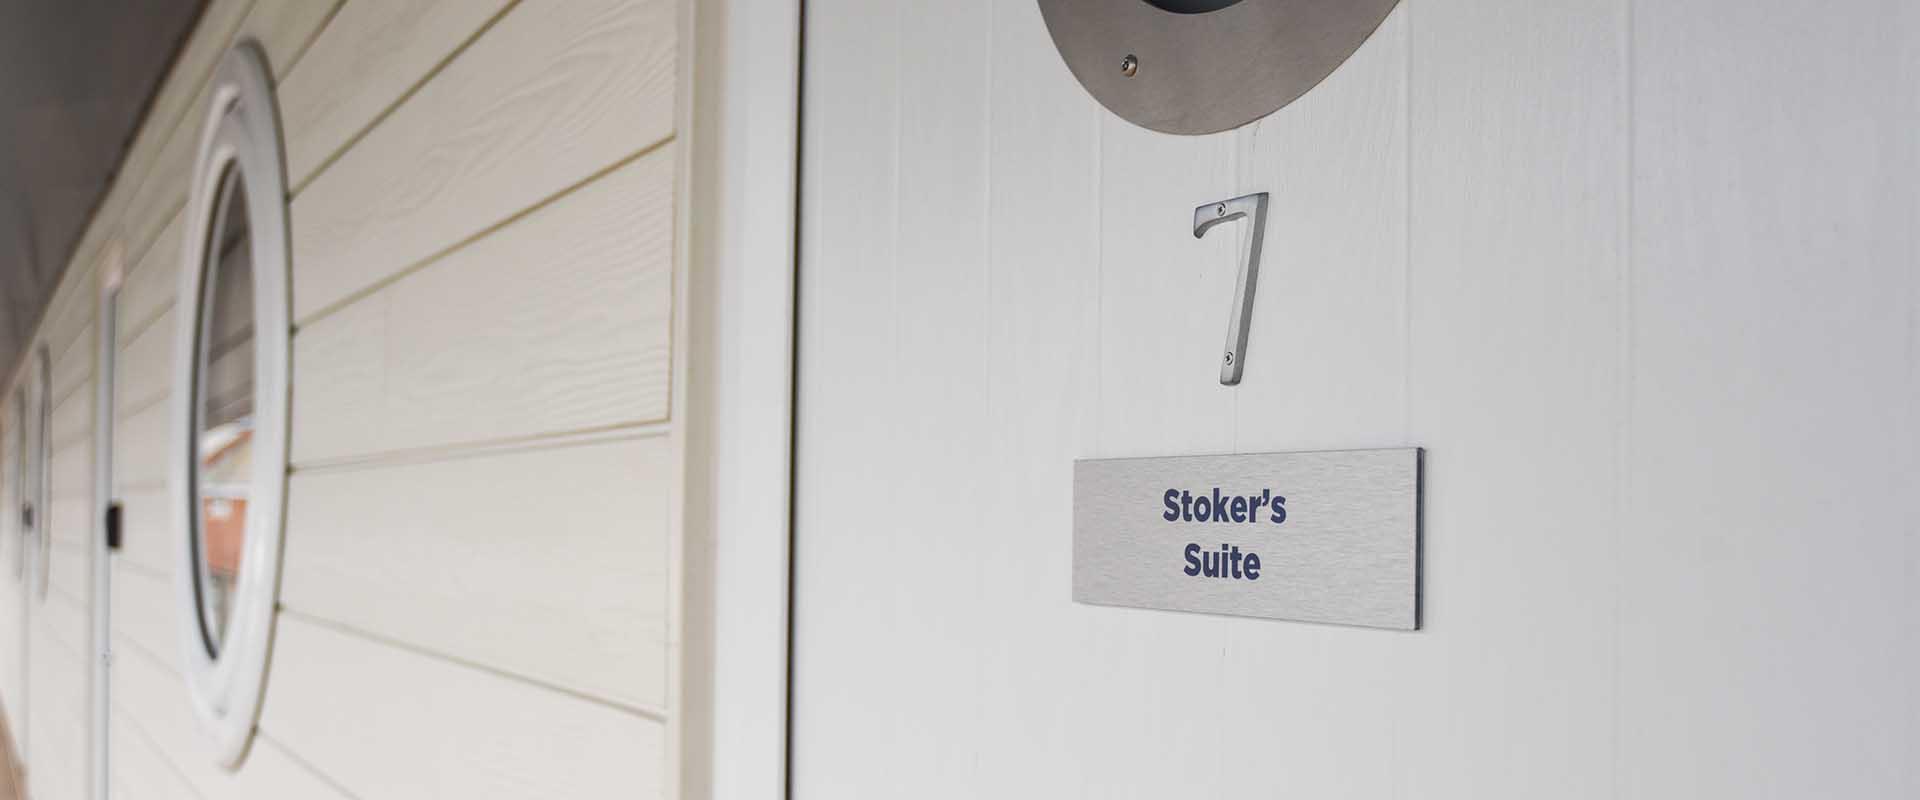 7 – Stoker's Suite